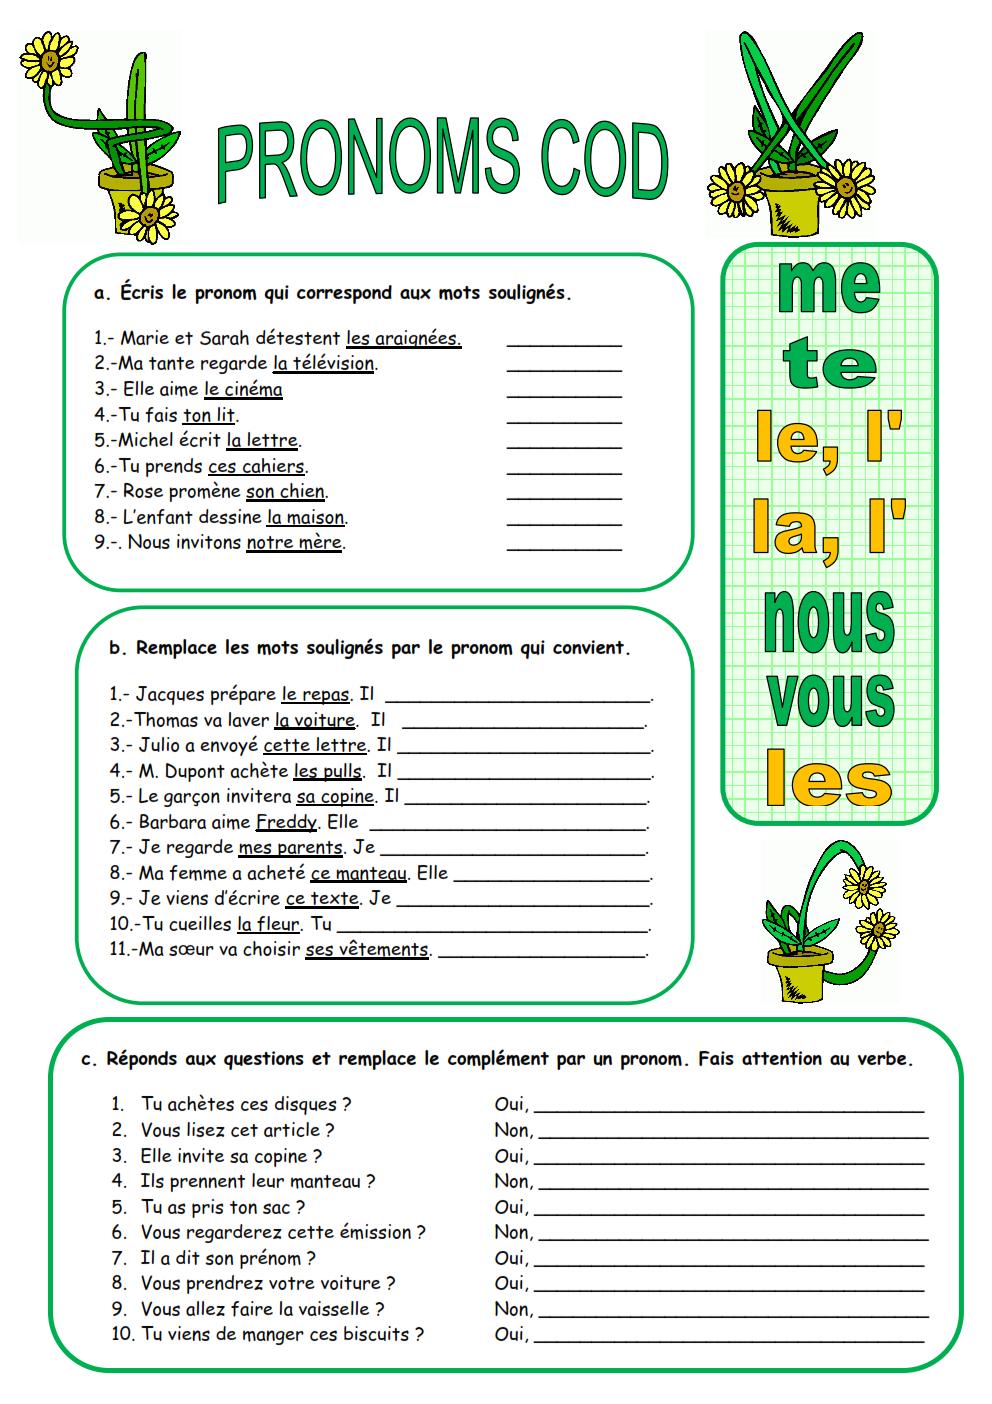 pronom cod et coi fle pdf